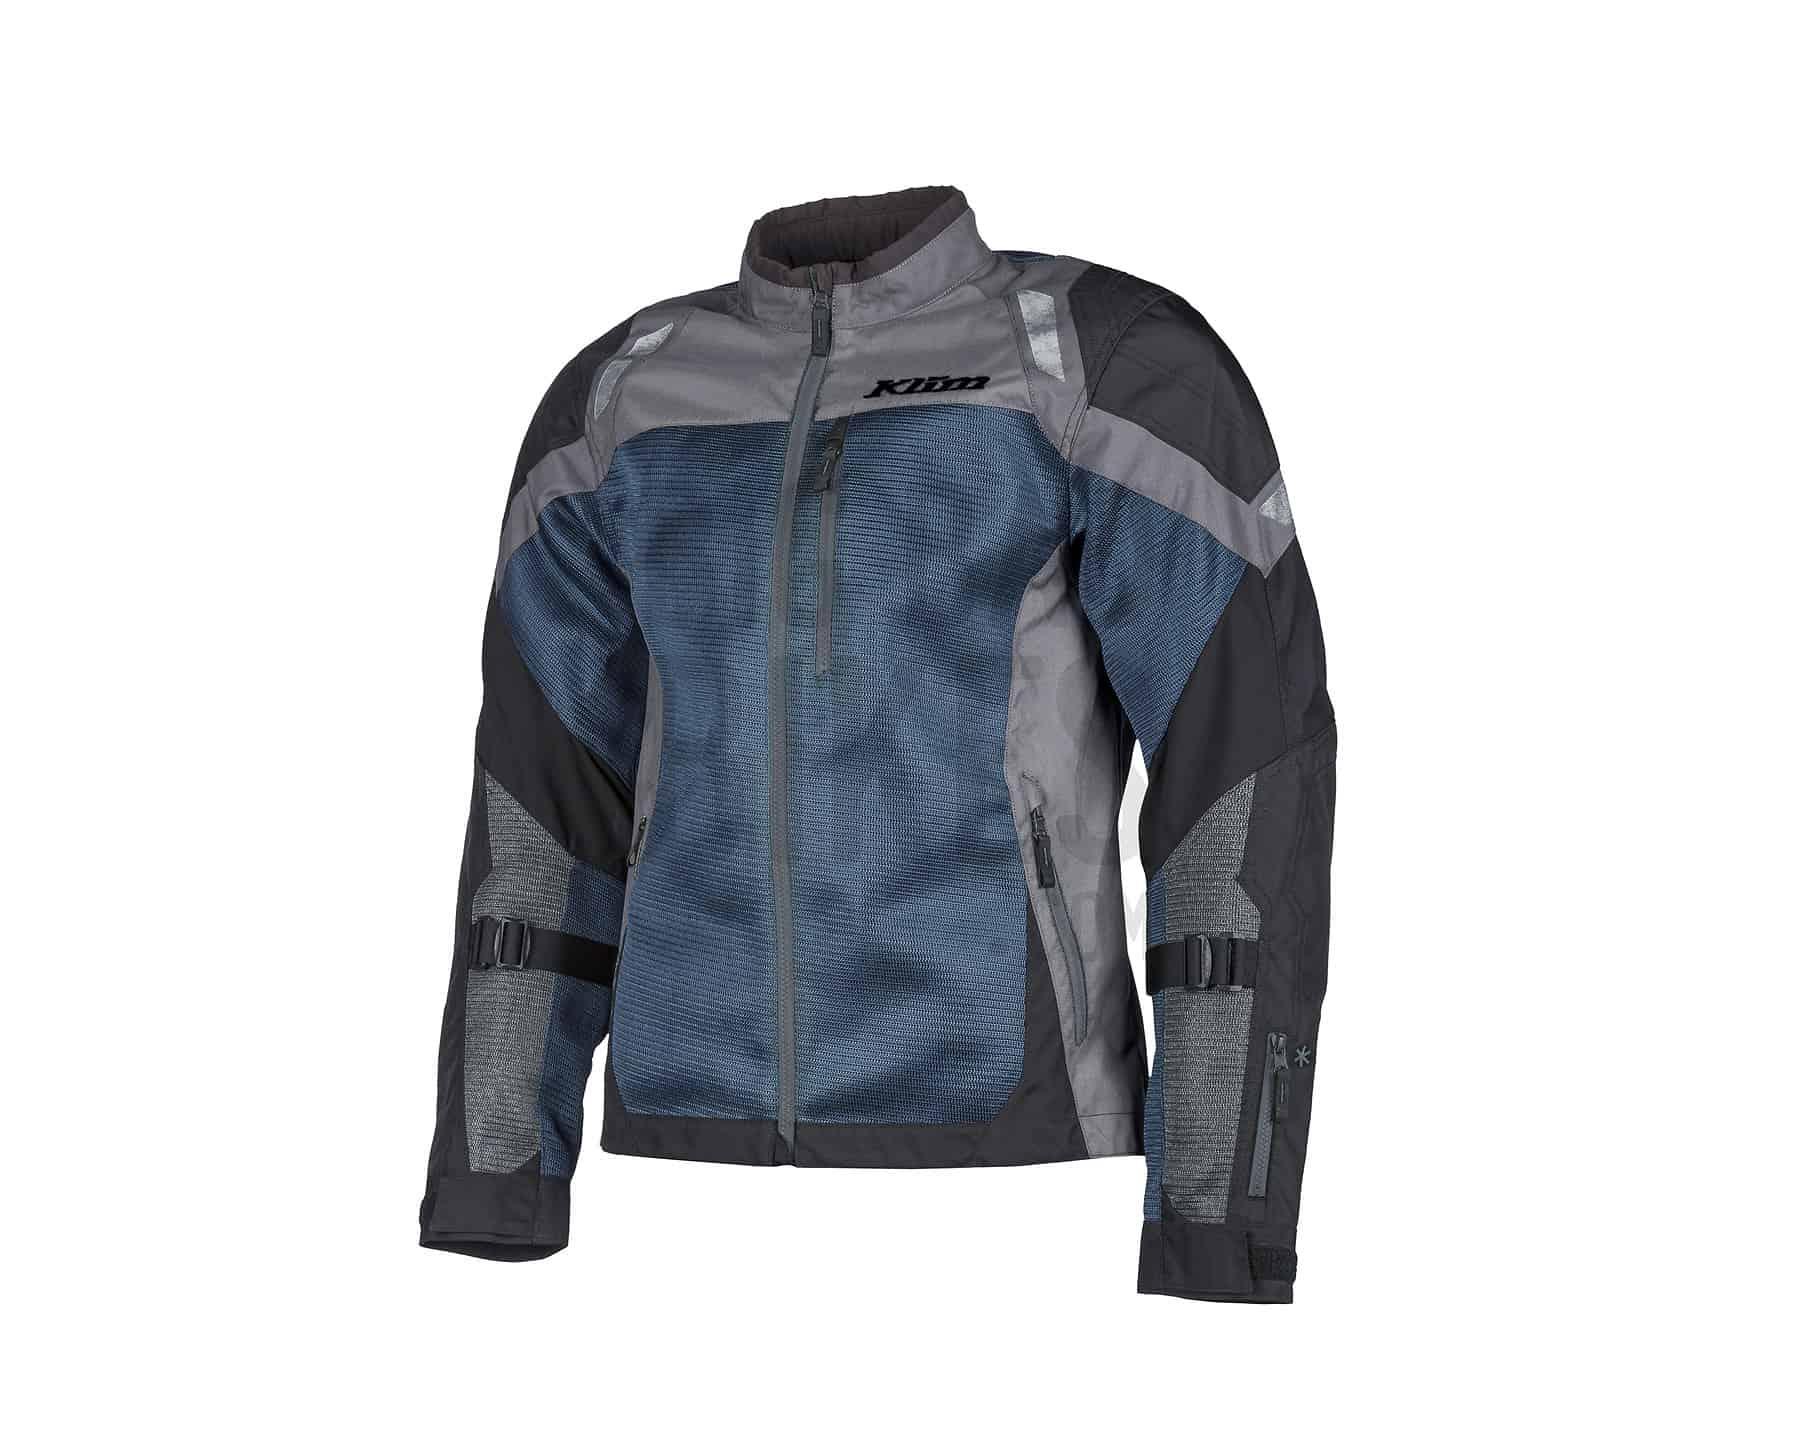 Induction Jacket_5060-002_Blue_02